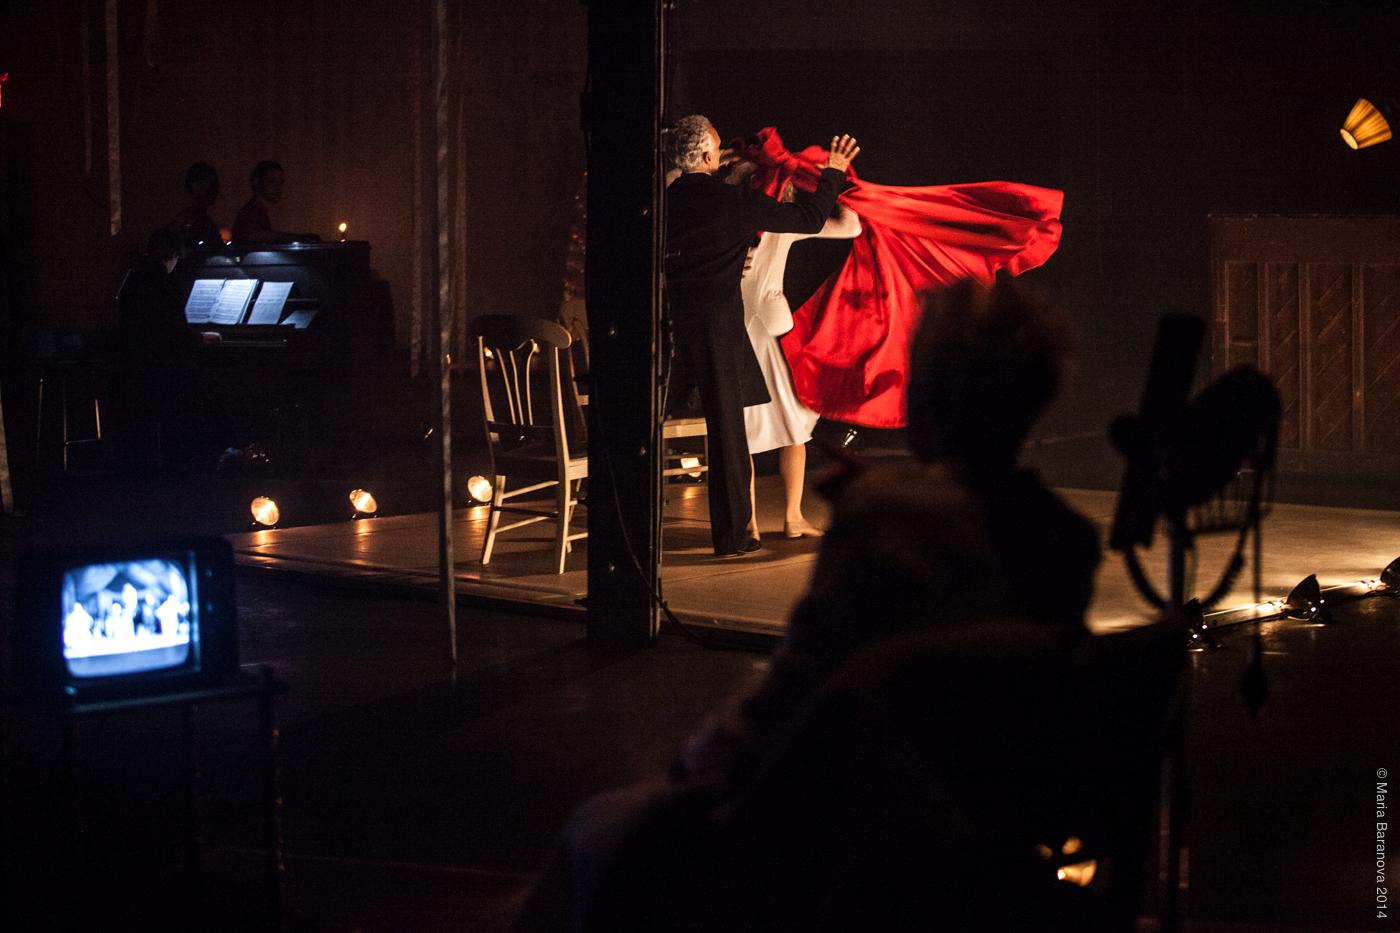 A_Nutcracker_Dress_by_Maria_Baranova-9537.jpg